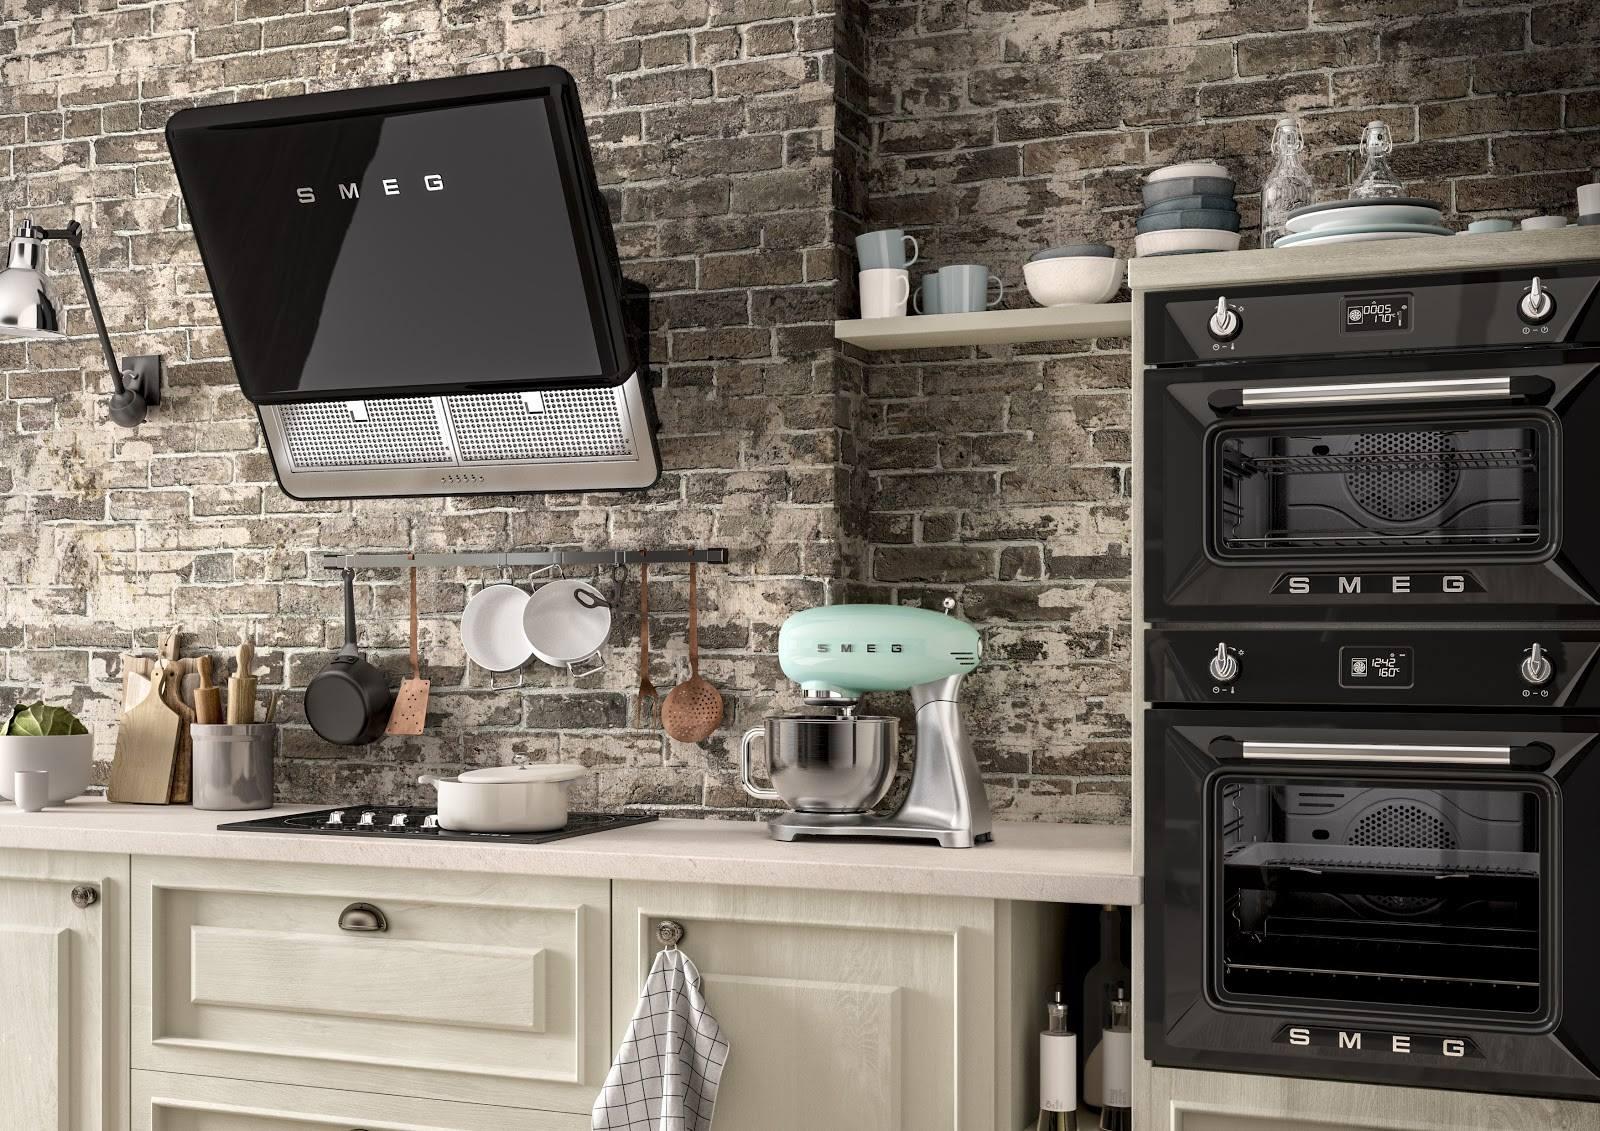 smegcocinas-con-estilo-propioelectrodomesticos-smeg-estilo-nordico-cocinascocinas-modernascocinas-vintagecocinas-tres-cantos-3-cantos-cocinas-1